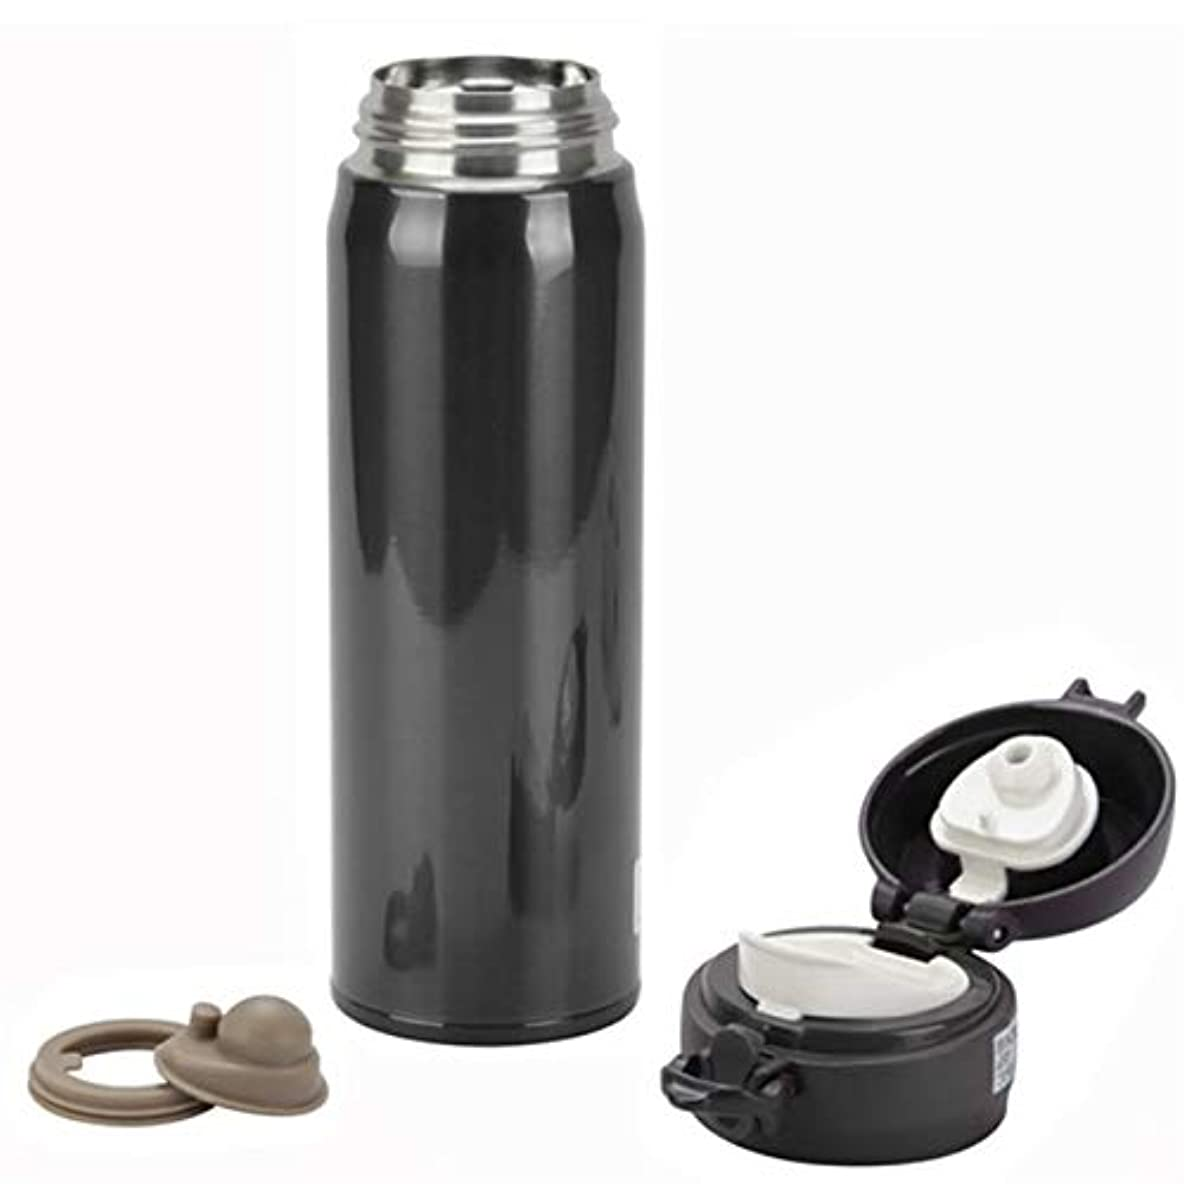 上院議員耕す含めるSaikogoods 真空カップ 450ミリリットル ステンレス鋼 ウォーターボトル 飲料ボトル 断熱カップ ポットを保つ運動をする ソリッドカラー シンプルなデザイン 黒